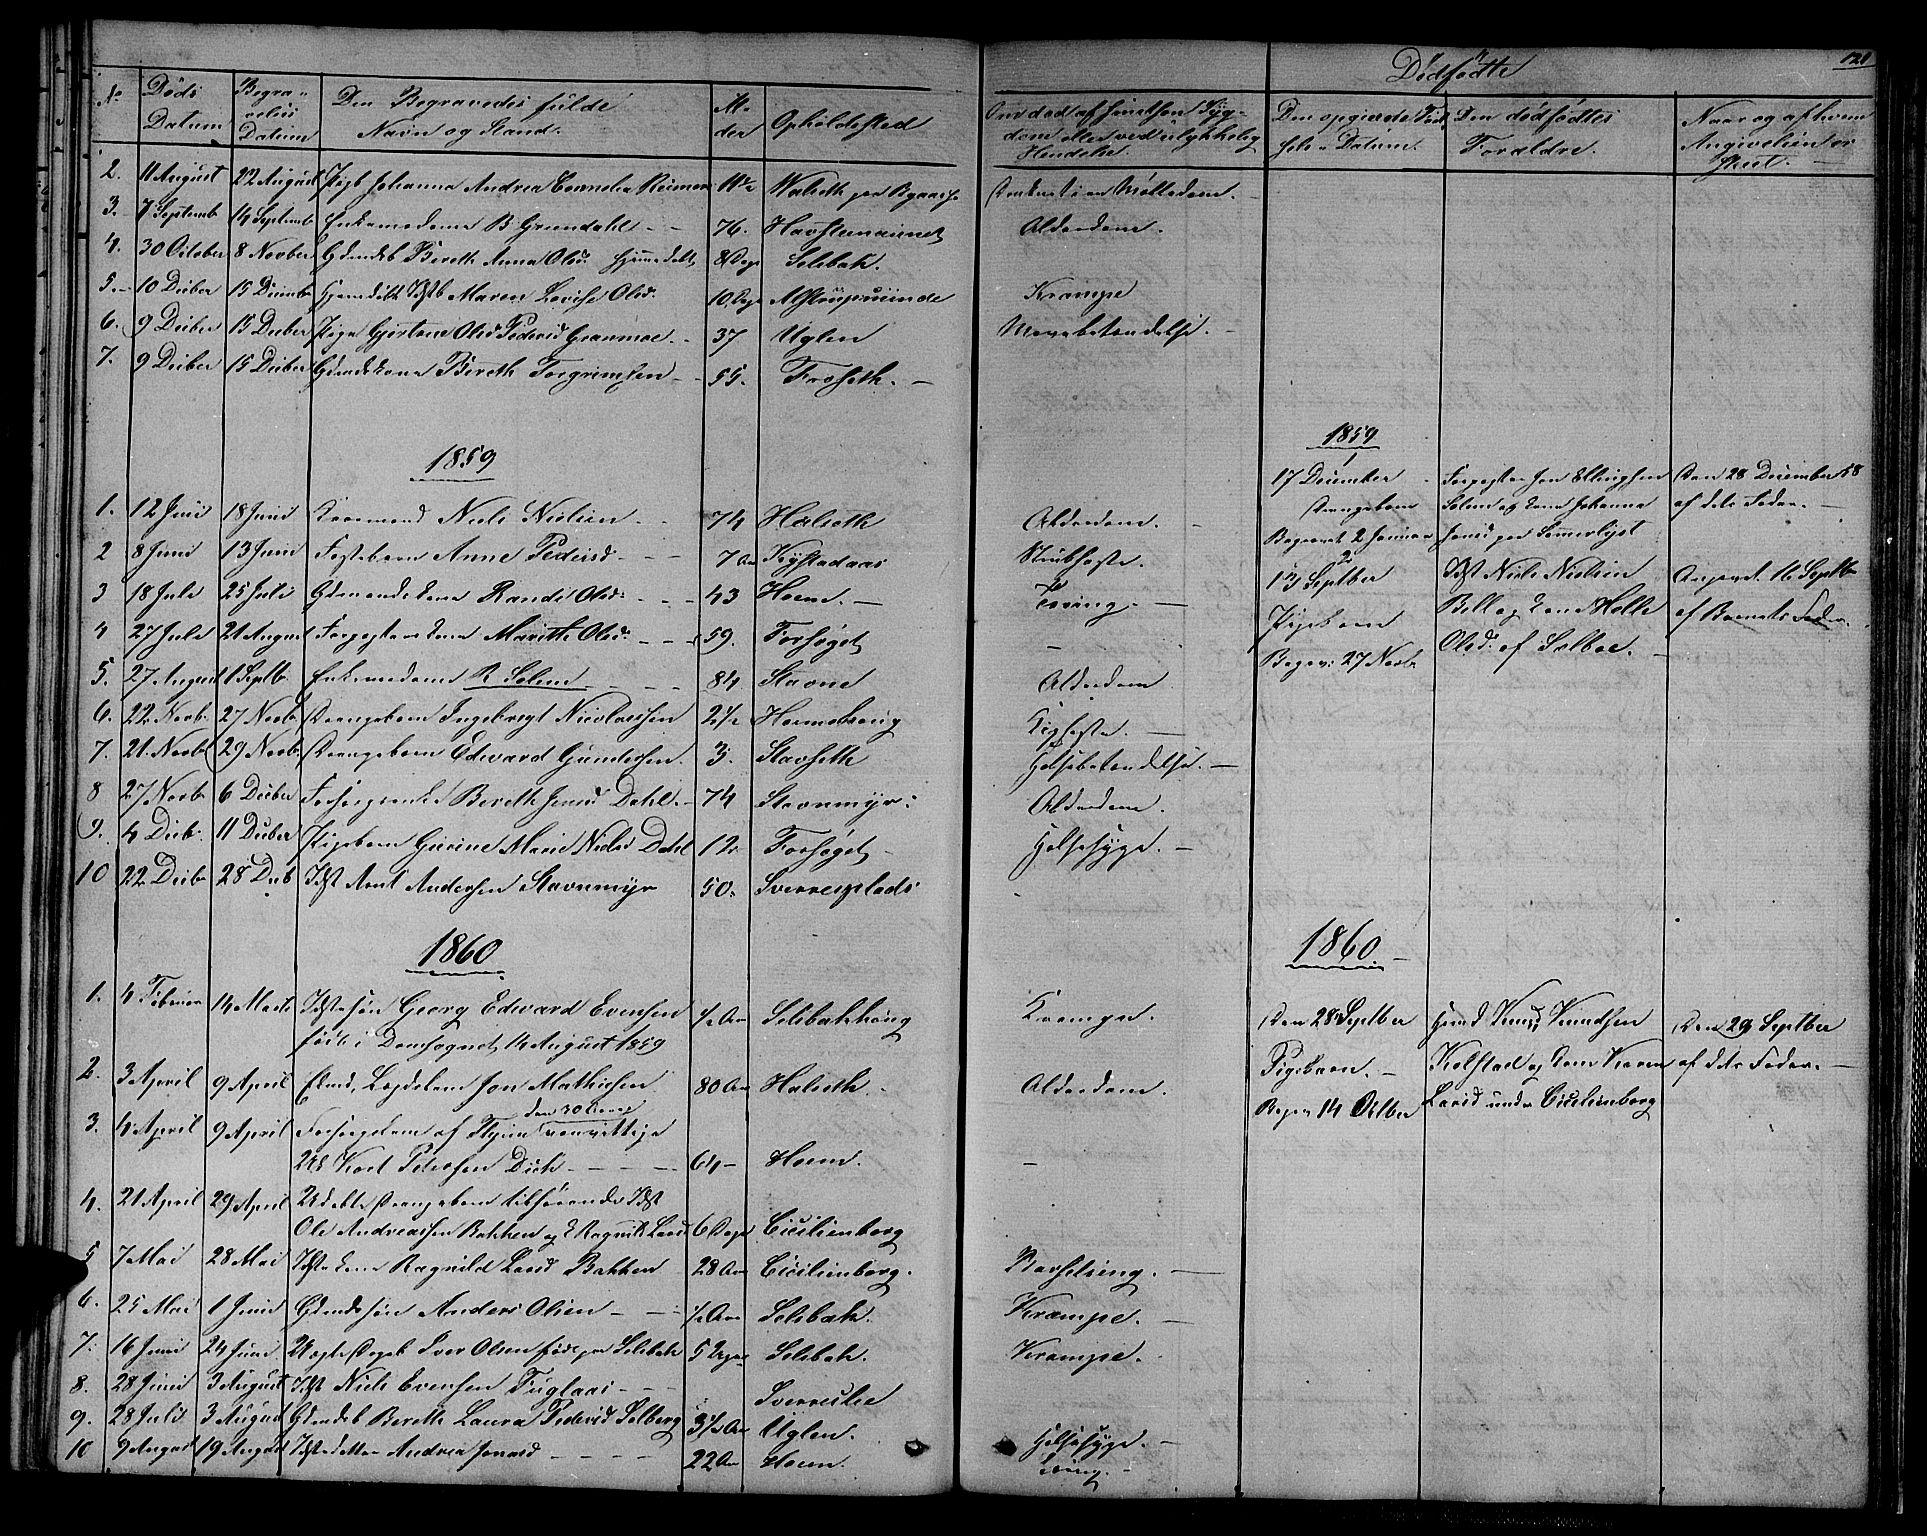 SAT, Ministerialprotokoller, klokkerbøker og fødselsregistre - Sør-Trøndelag, 611/L0353: Klokkerbok nr. 611C01, 1854-1881, s. 121